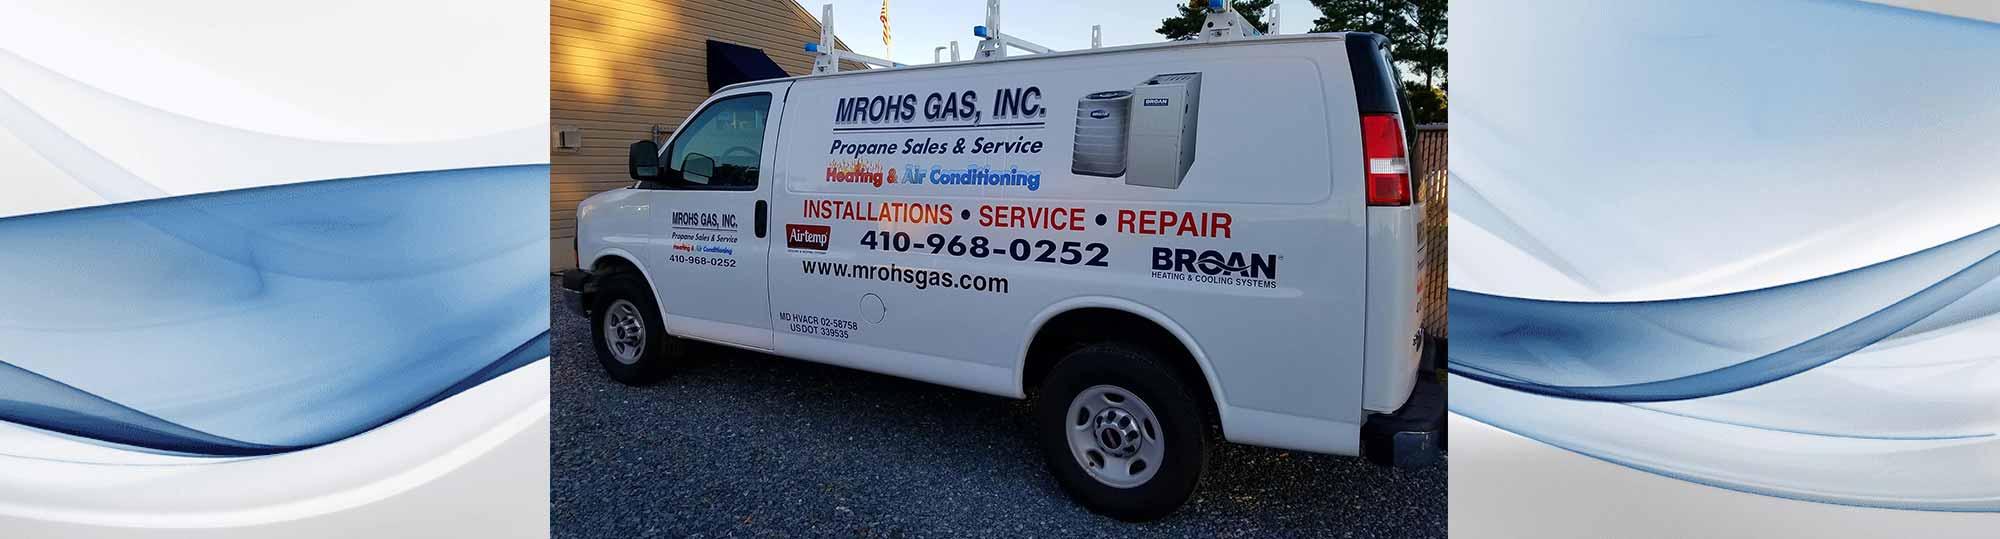 Mrohs Gas, Inc. Van